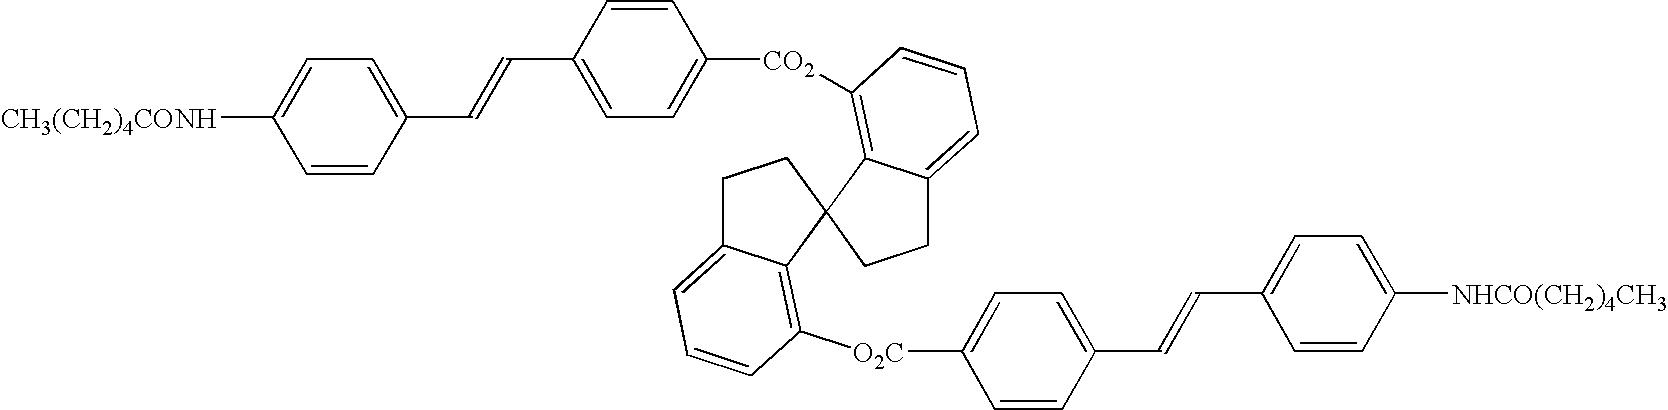 Figure US07470376-20081230-C00018